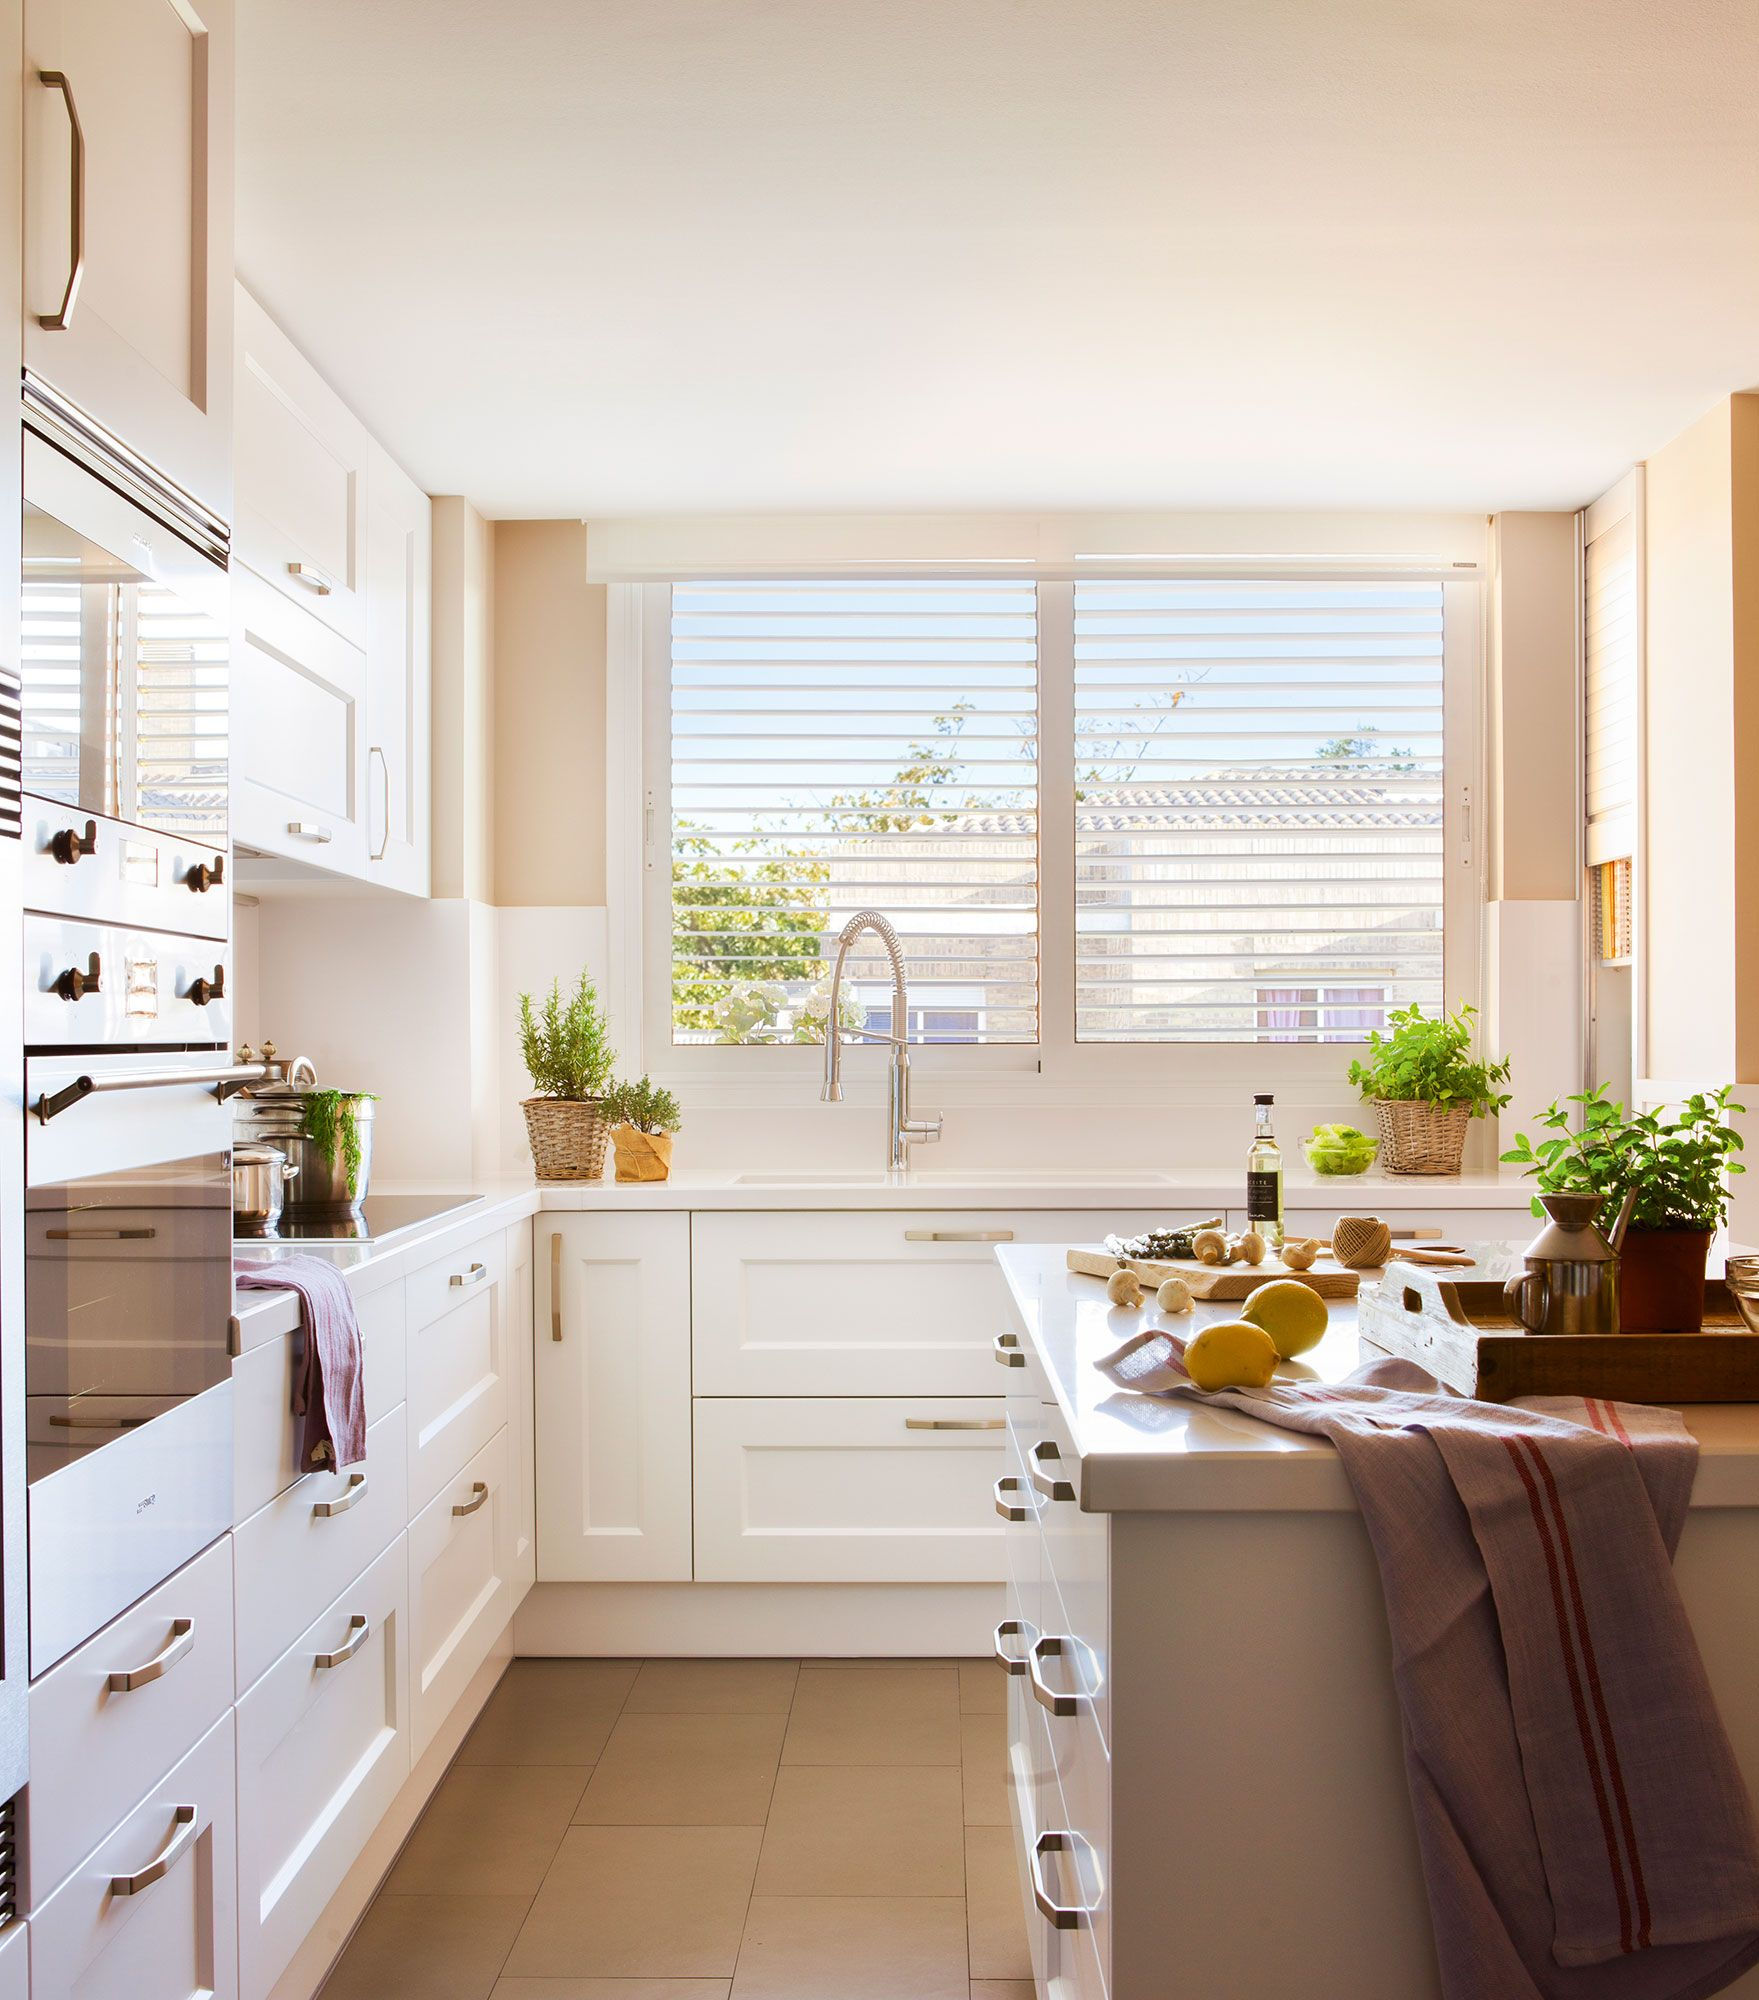 Ideas para aprovechar el espacio en las cocinas peque as - Ideas para cocinas pequenas ...